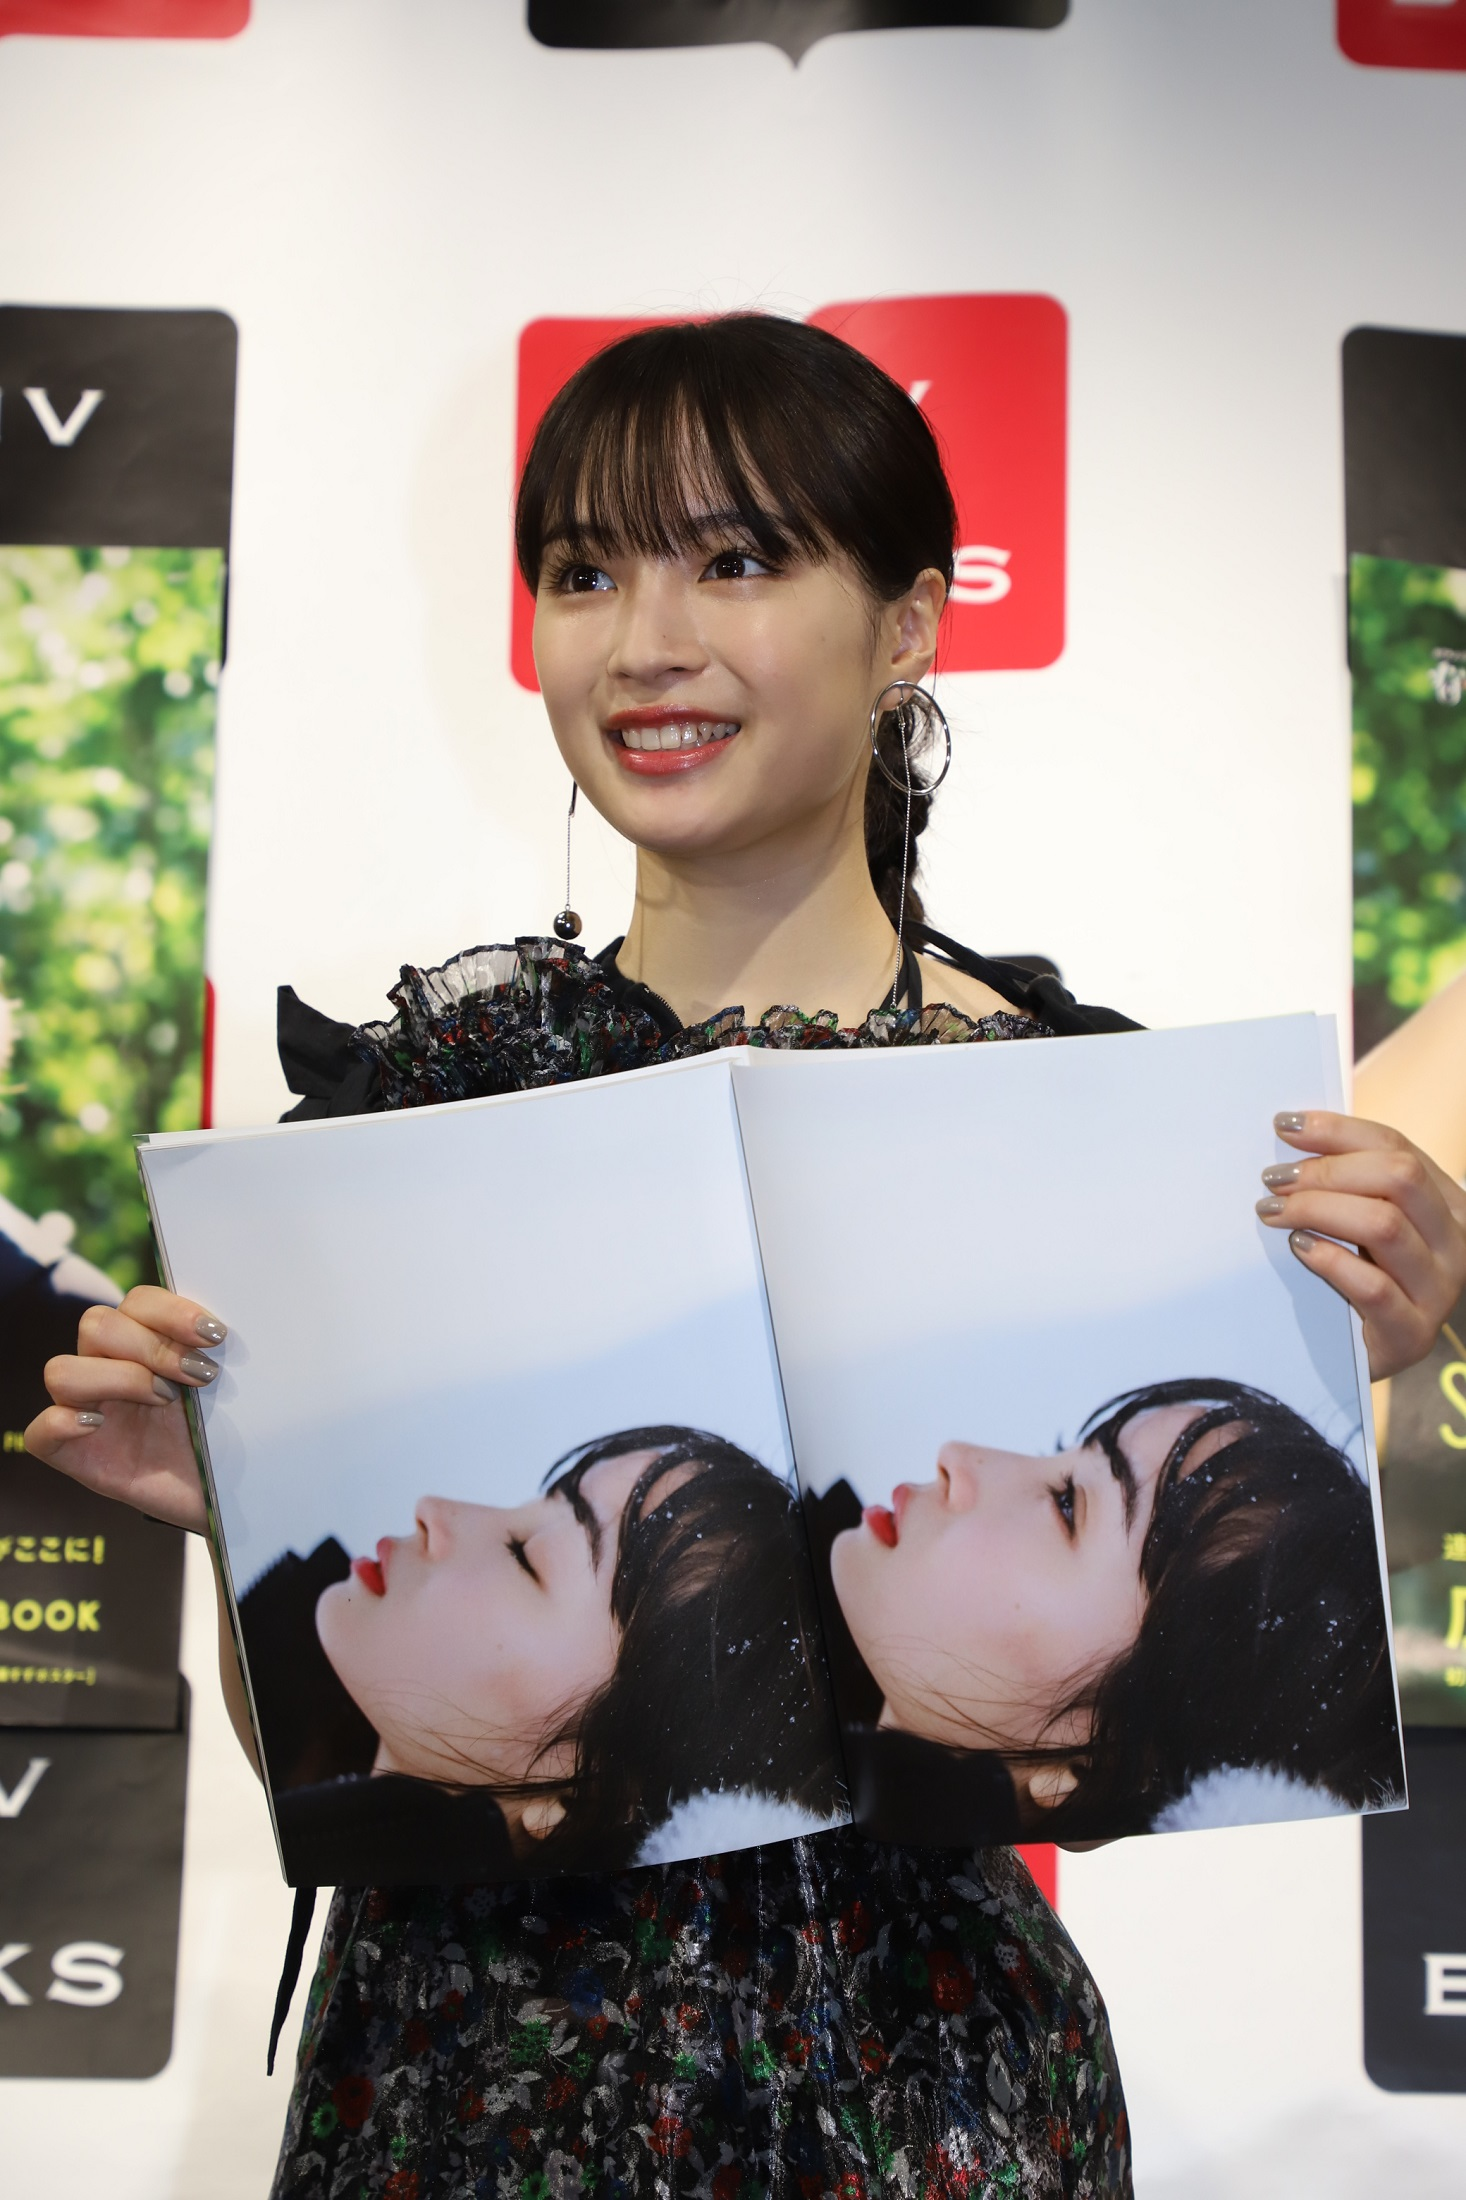 広瀬すず/「広瀬すず in なつぞら」PHOTO BOOK発売記念イベントにて(2019年5月4日、HMV&BOOKS SHIBUYA)